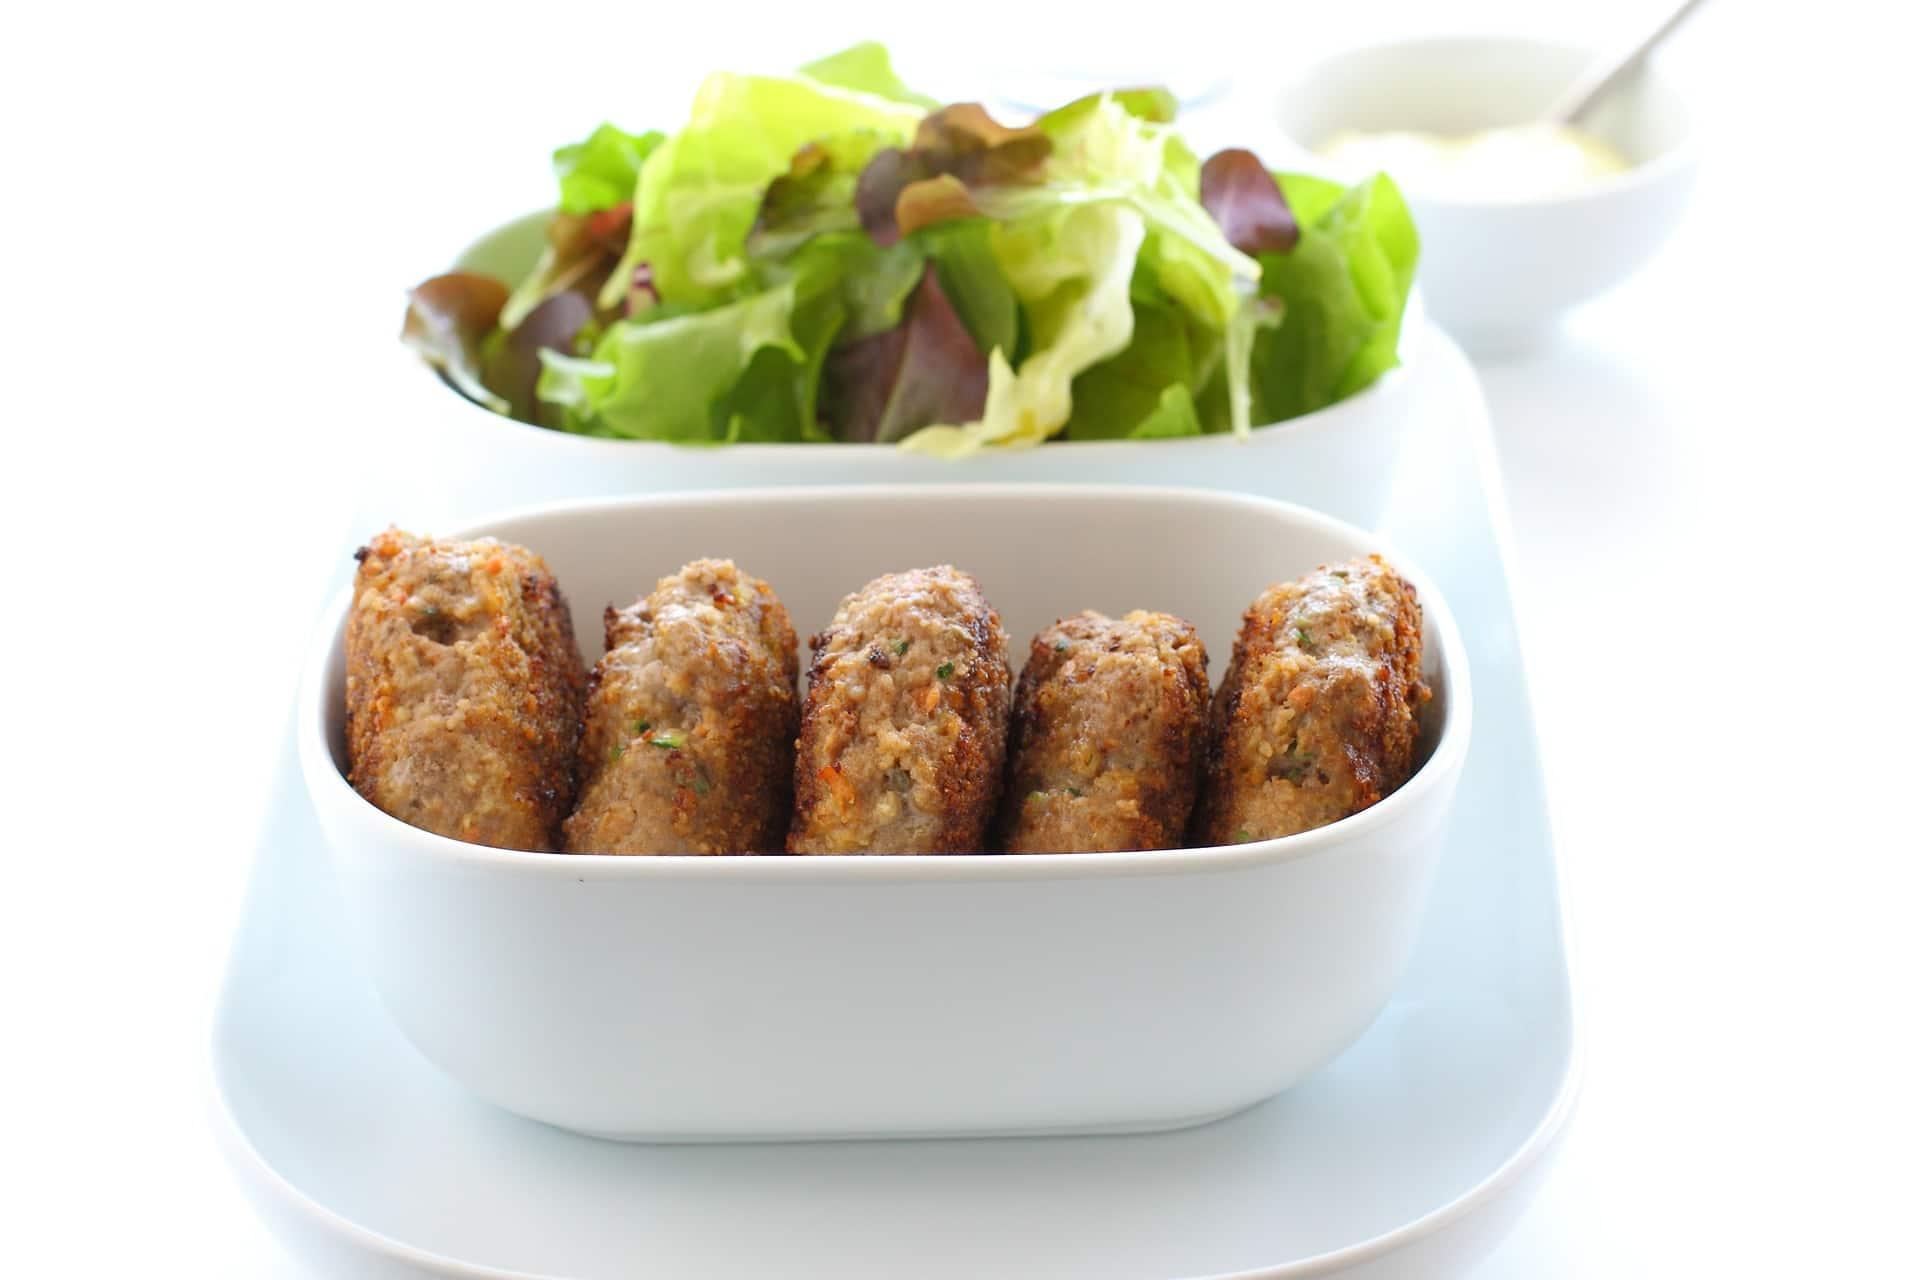 Frikadellen auf die Low-Carb-Art mit einem Salat